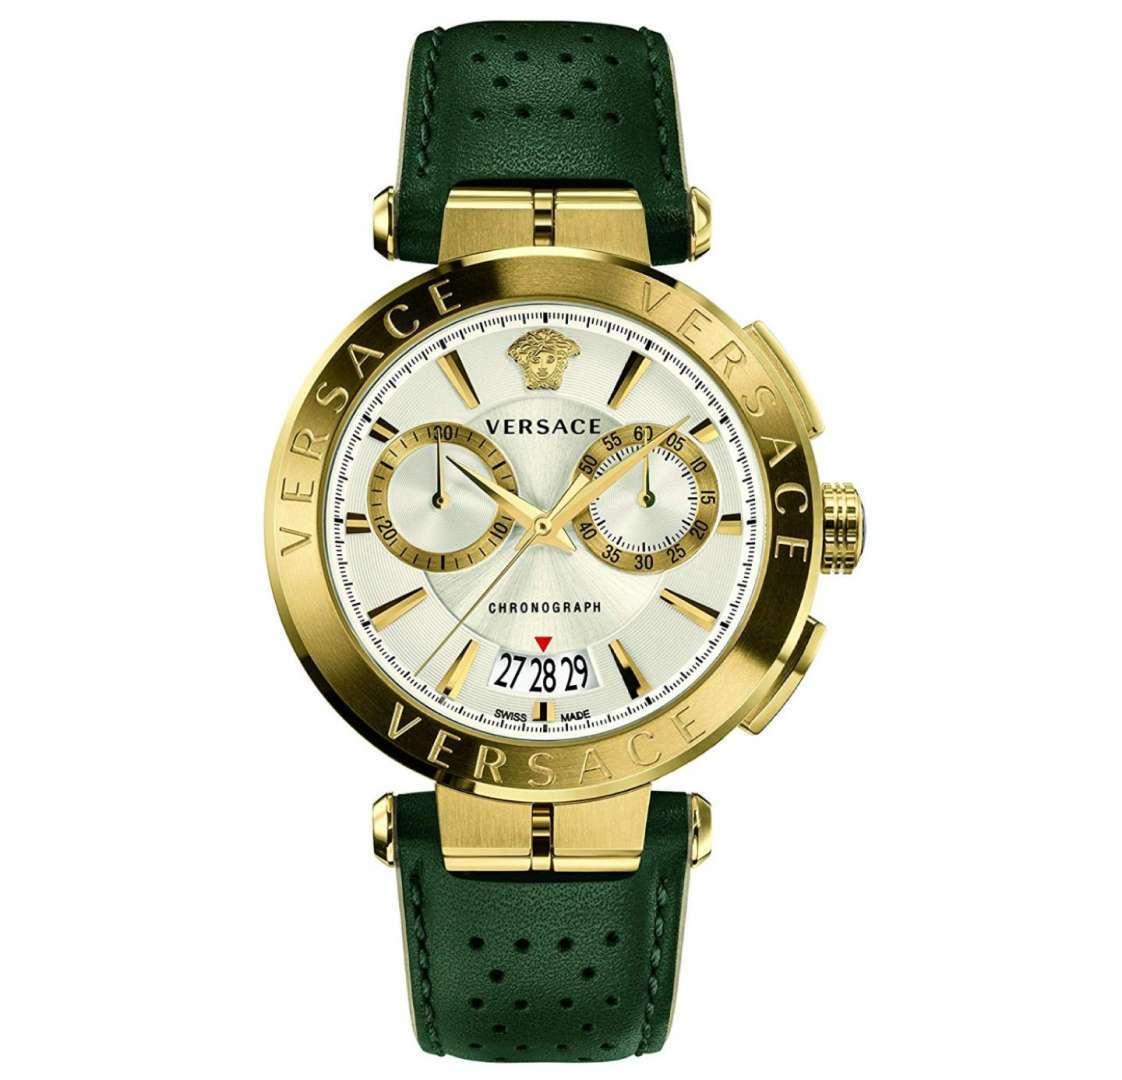 שעון יד אנלוגי versace vbr020017 ורסצ'ה